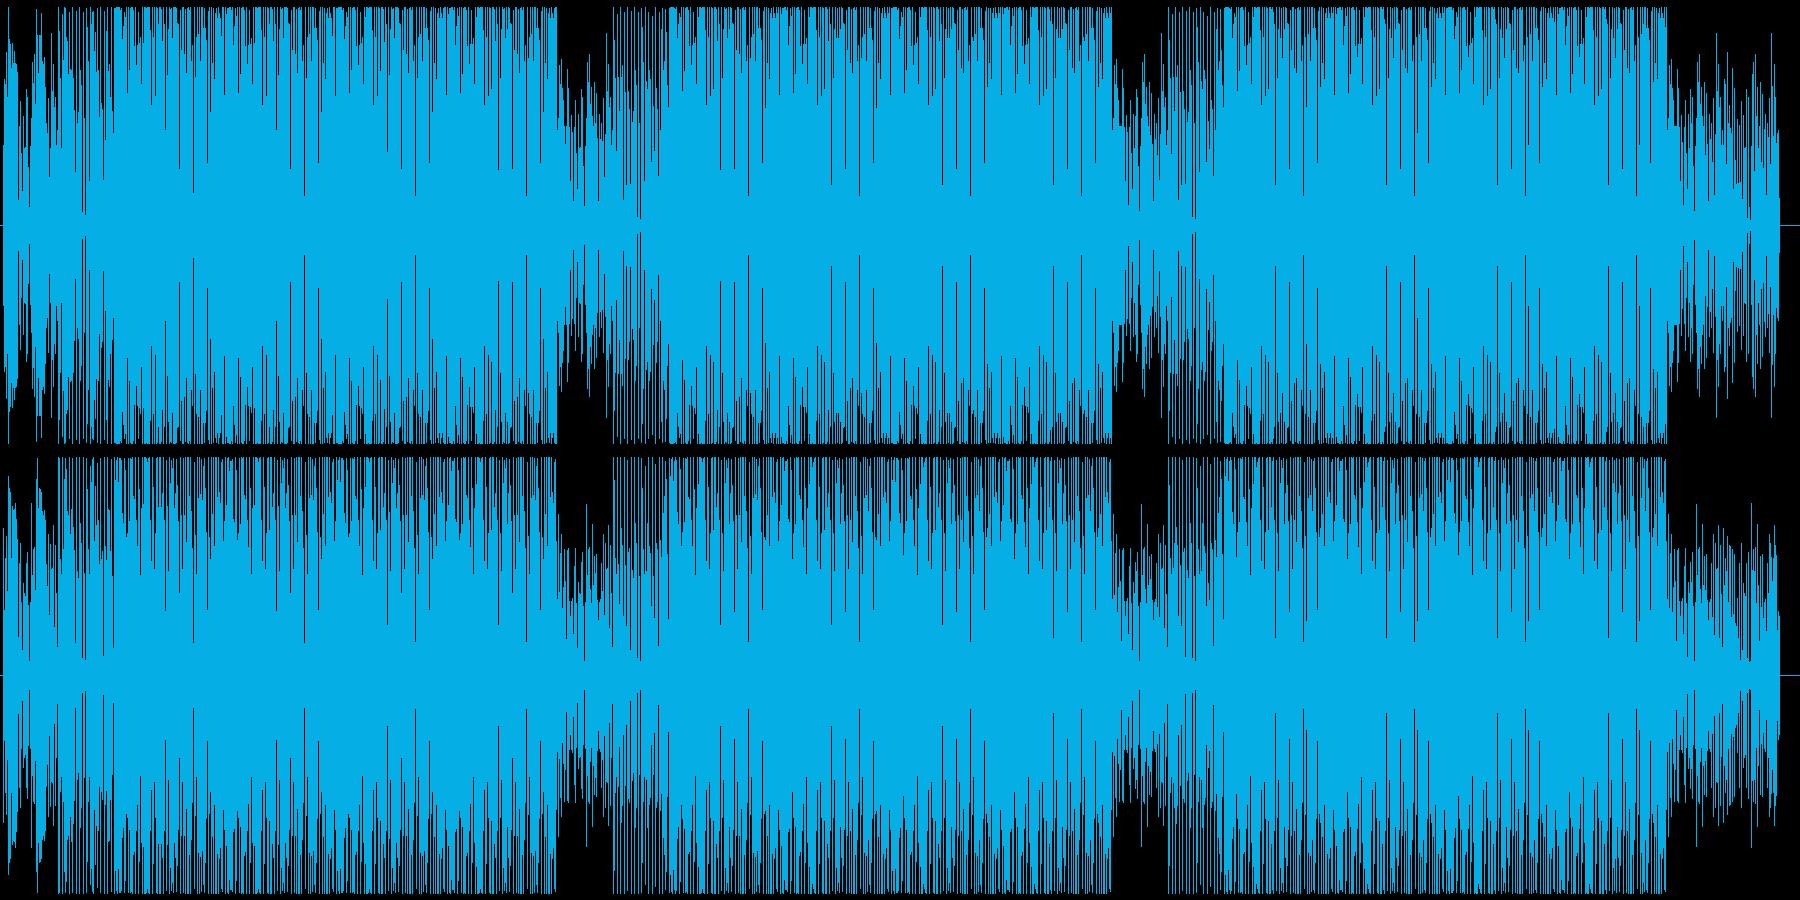 ファッショナブルなハウスミュージックの再生済みの波形